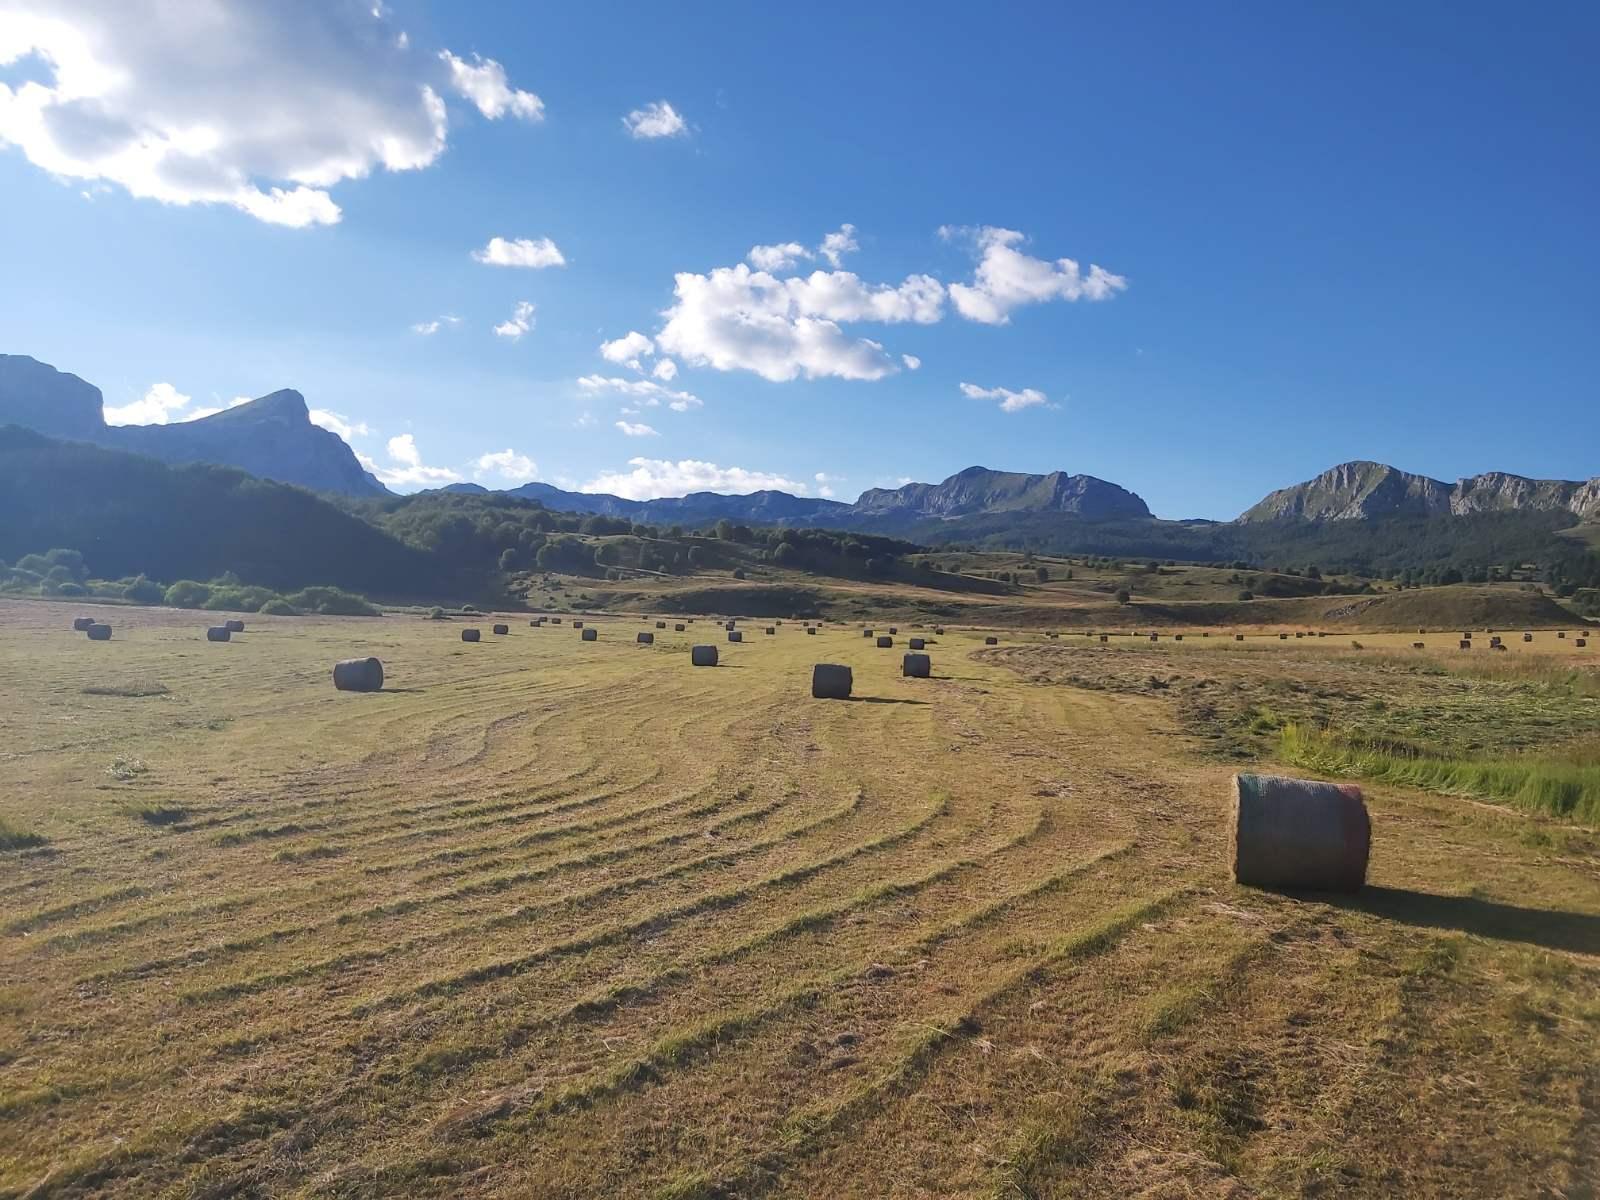 """Пољопривредна задруга """"Гвозно"""" – успјешна производња на преко 1.200 m надморске висине"""